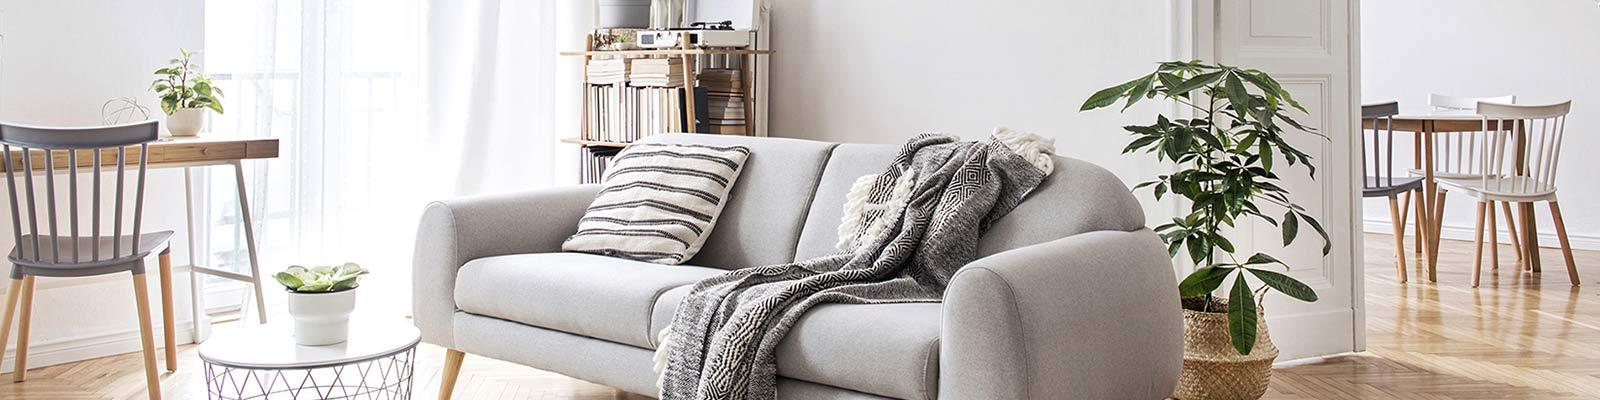 sofa100kb.jpg